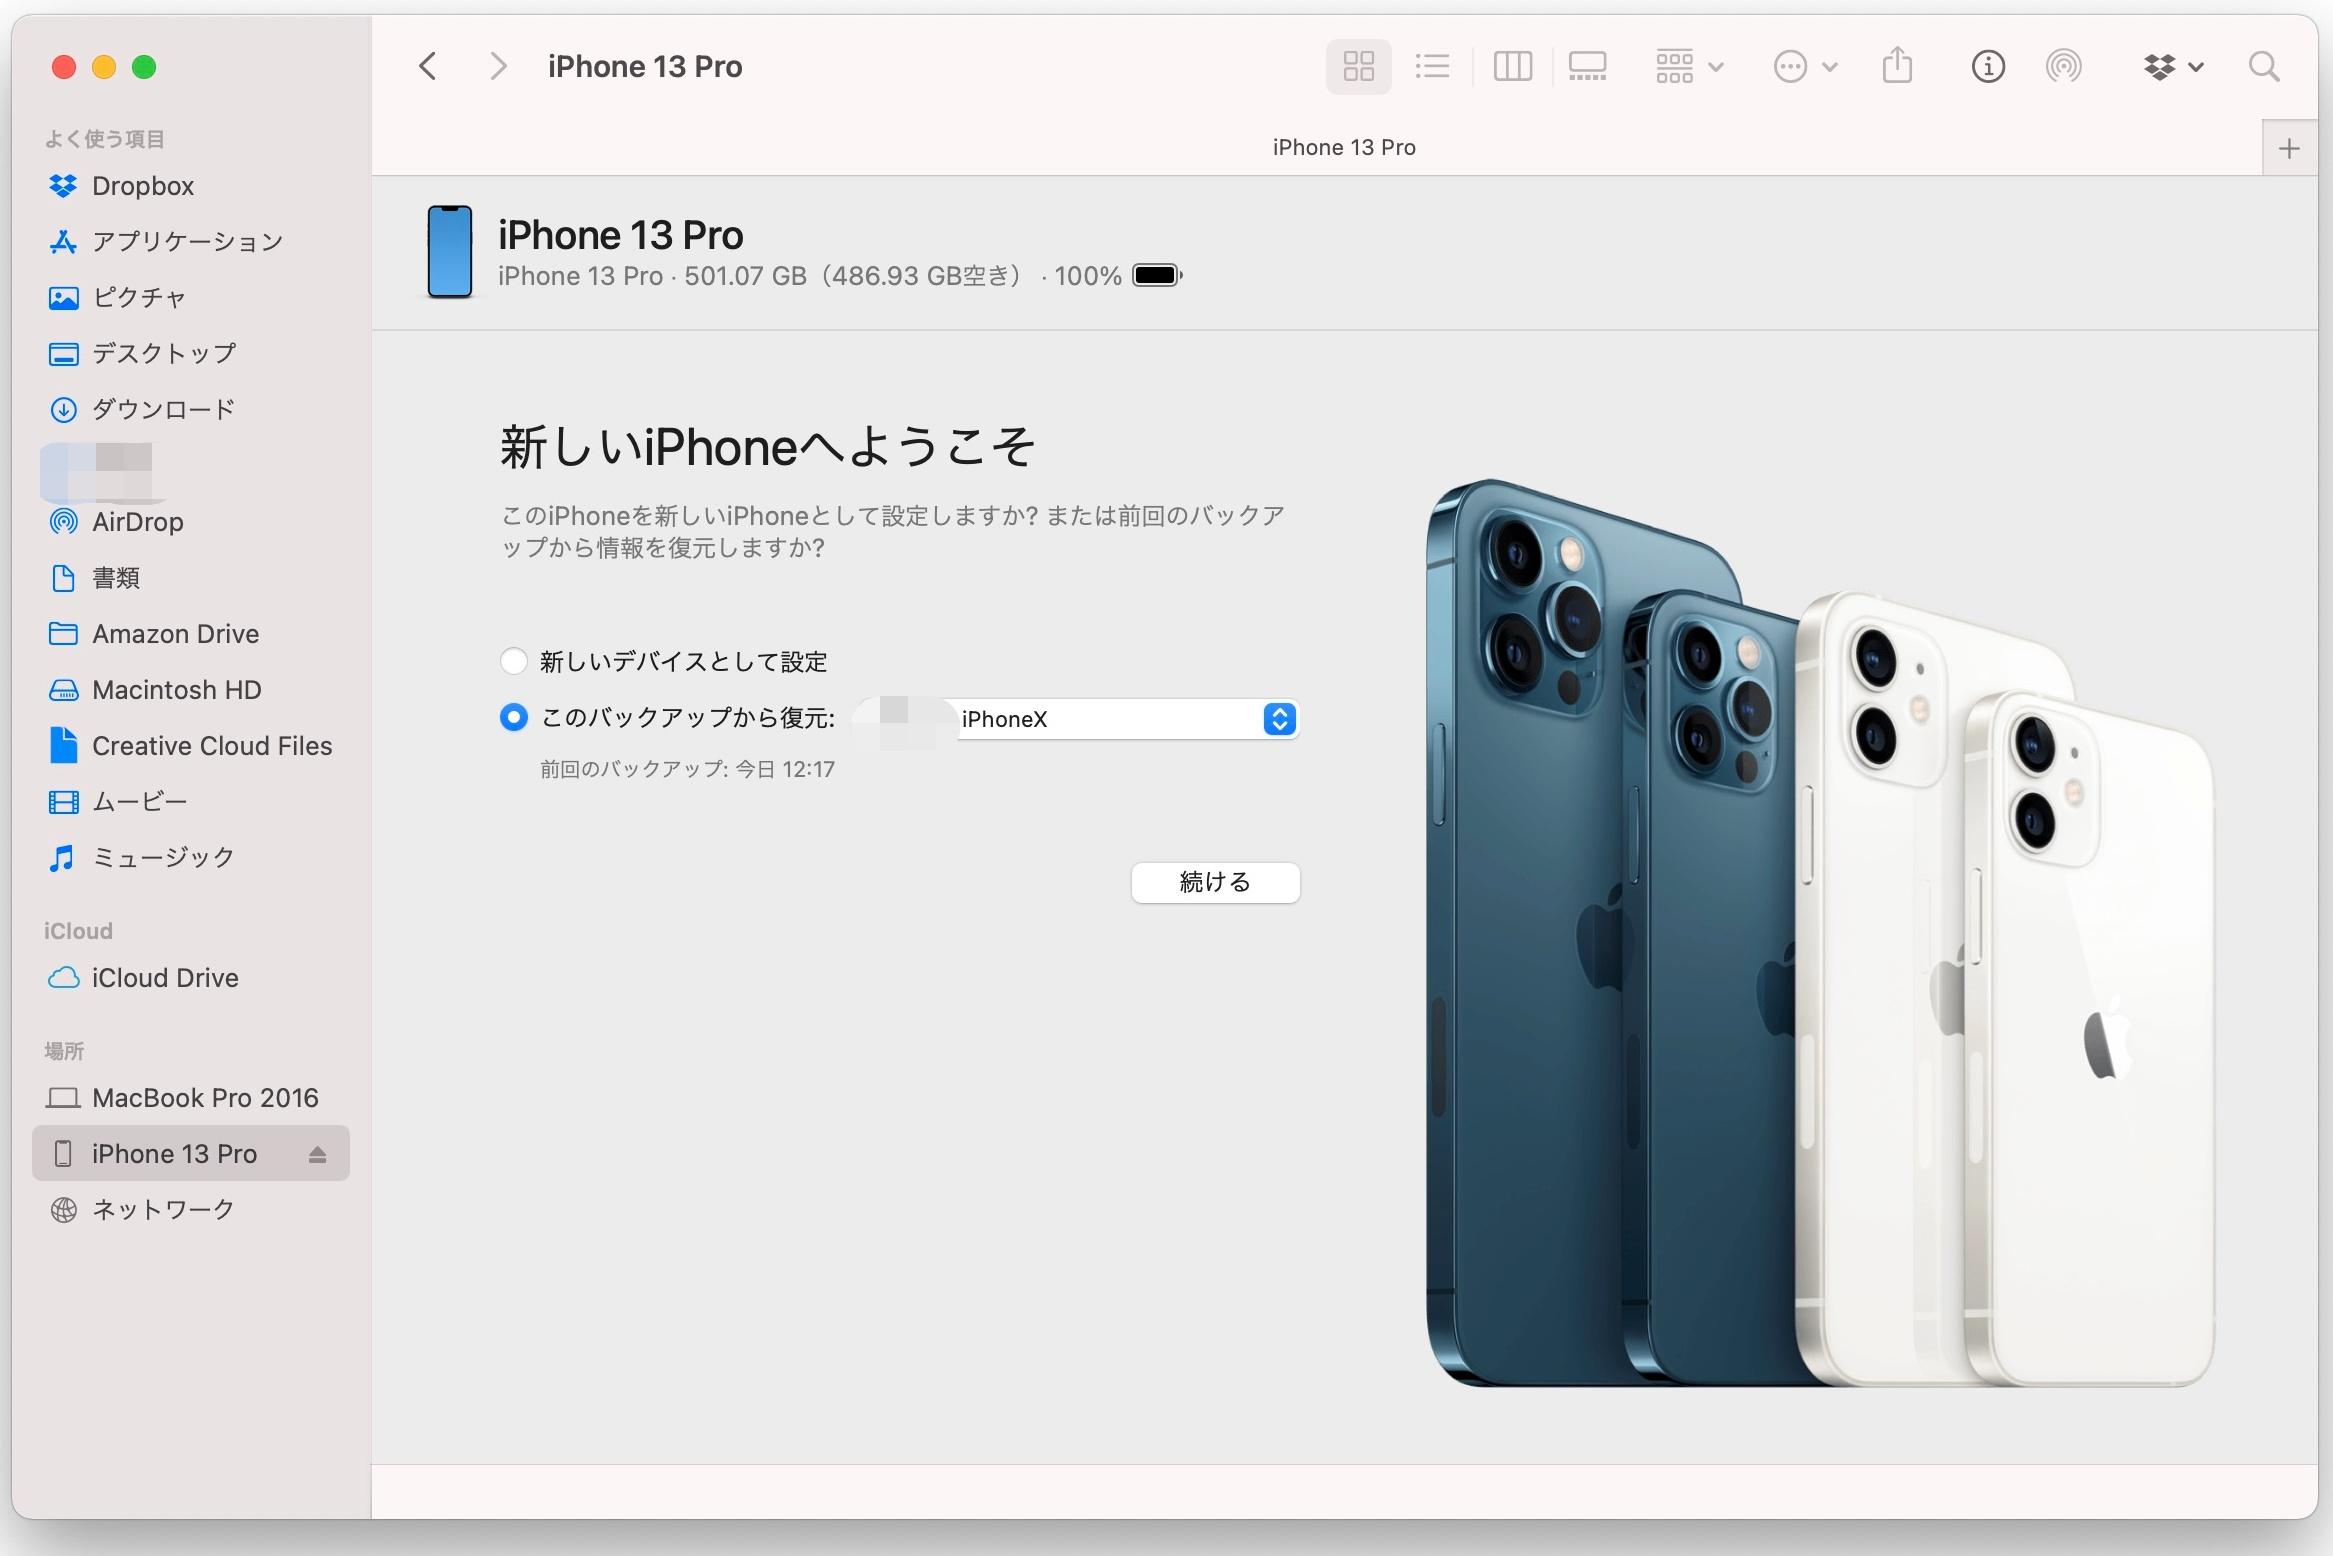 iPhoneのバックアップをMacのFinder経由でとれば、そこから新しいiPhoneへ移行できる。